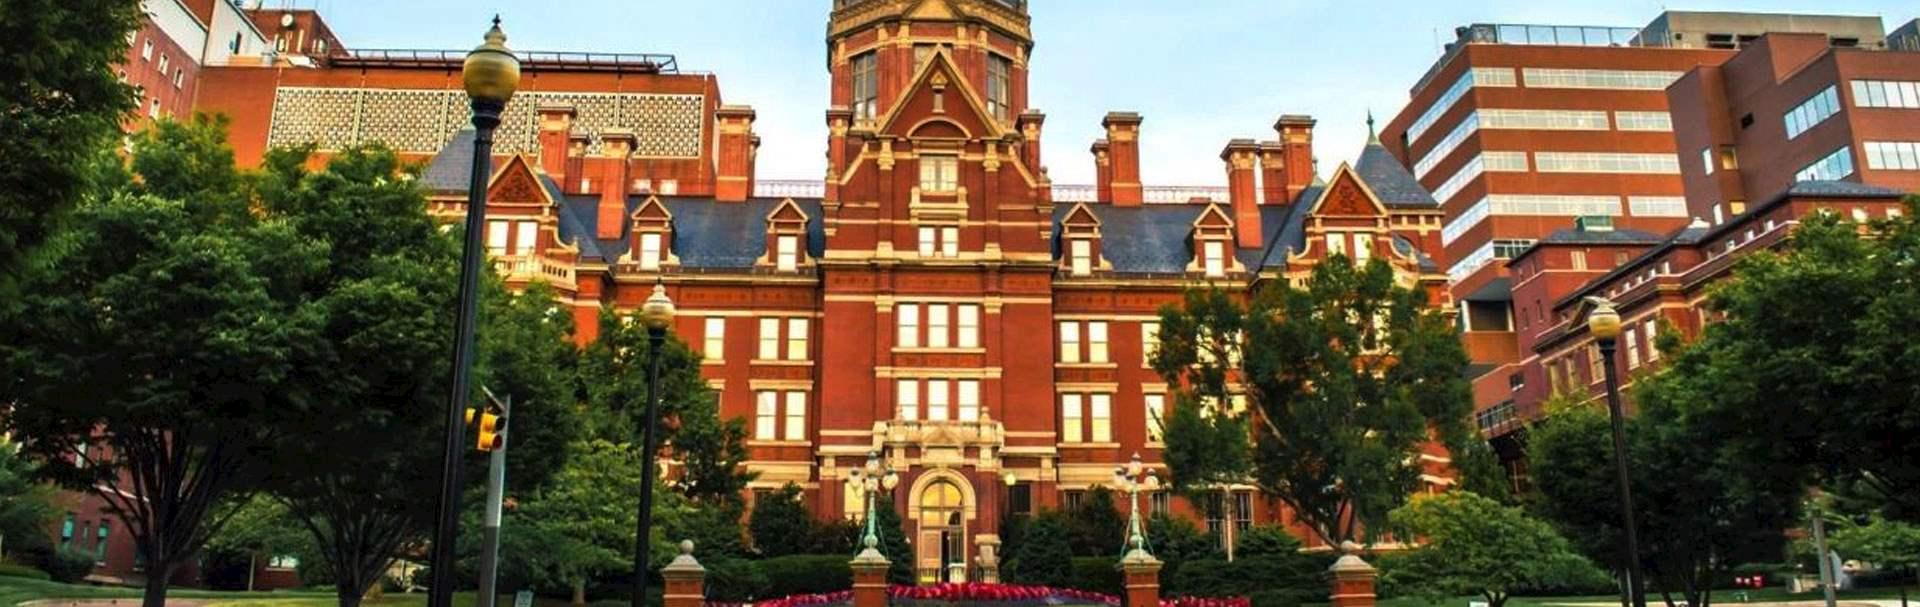 Johns Hopkins Hospital Rates at Baltimore, Maryland